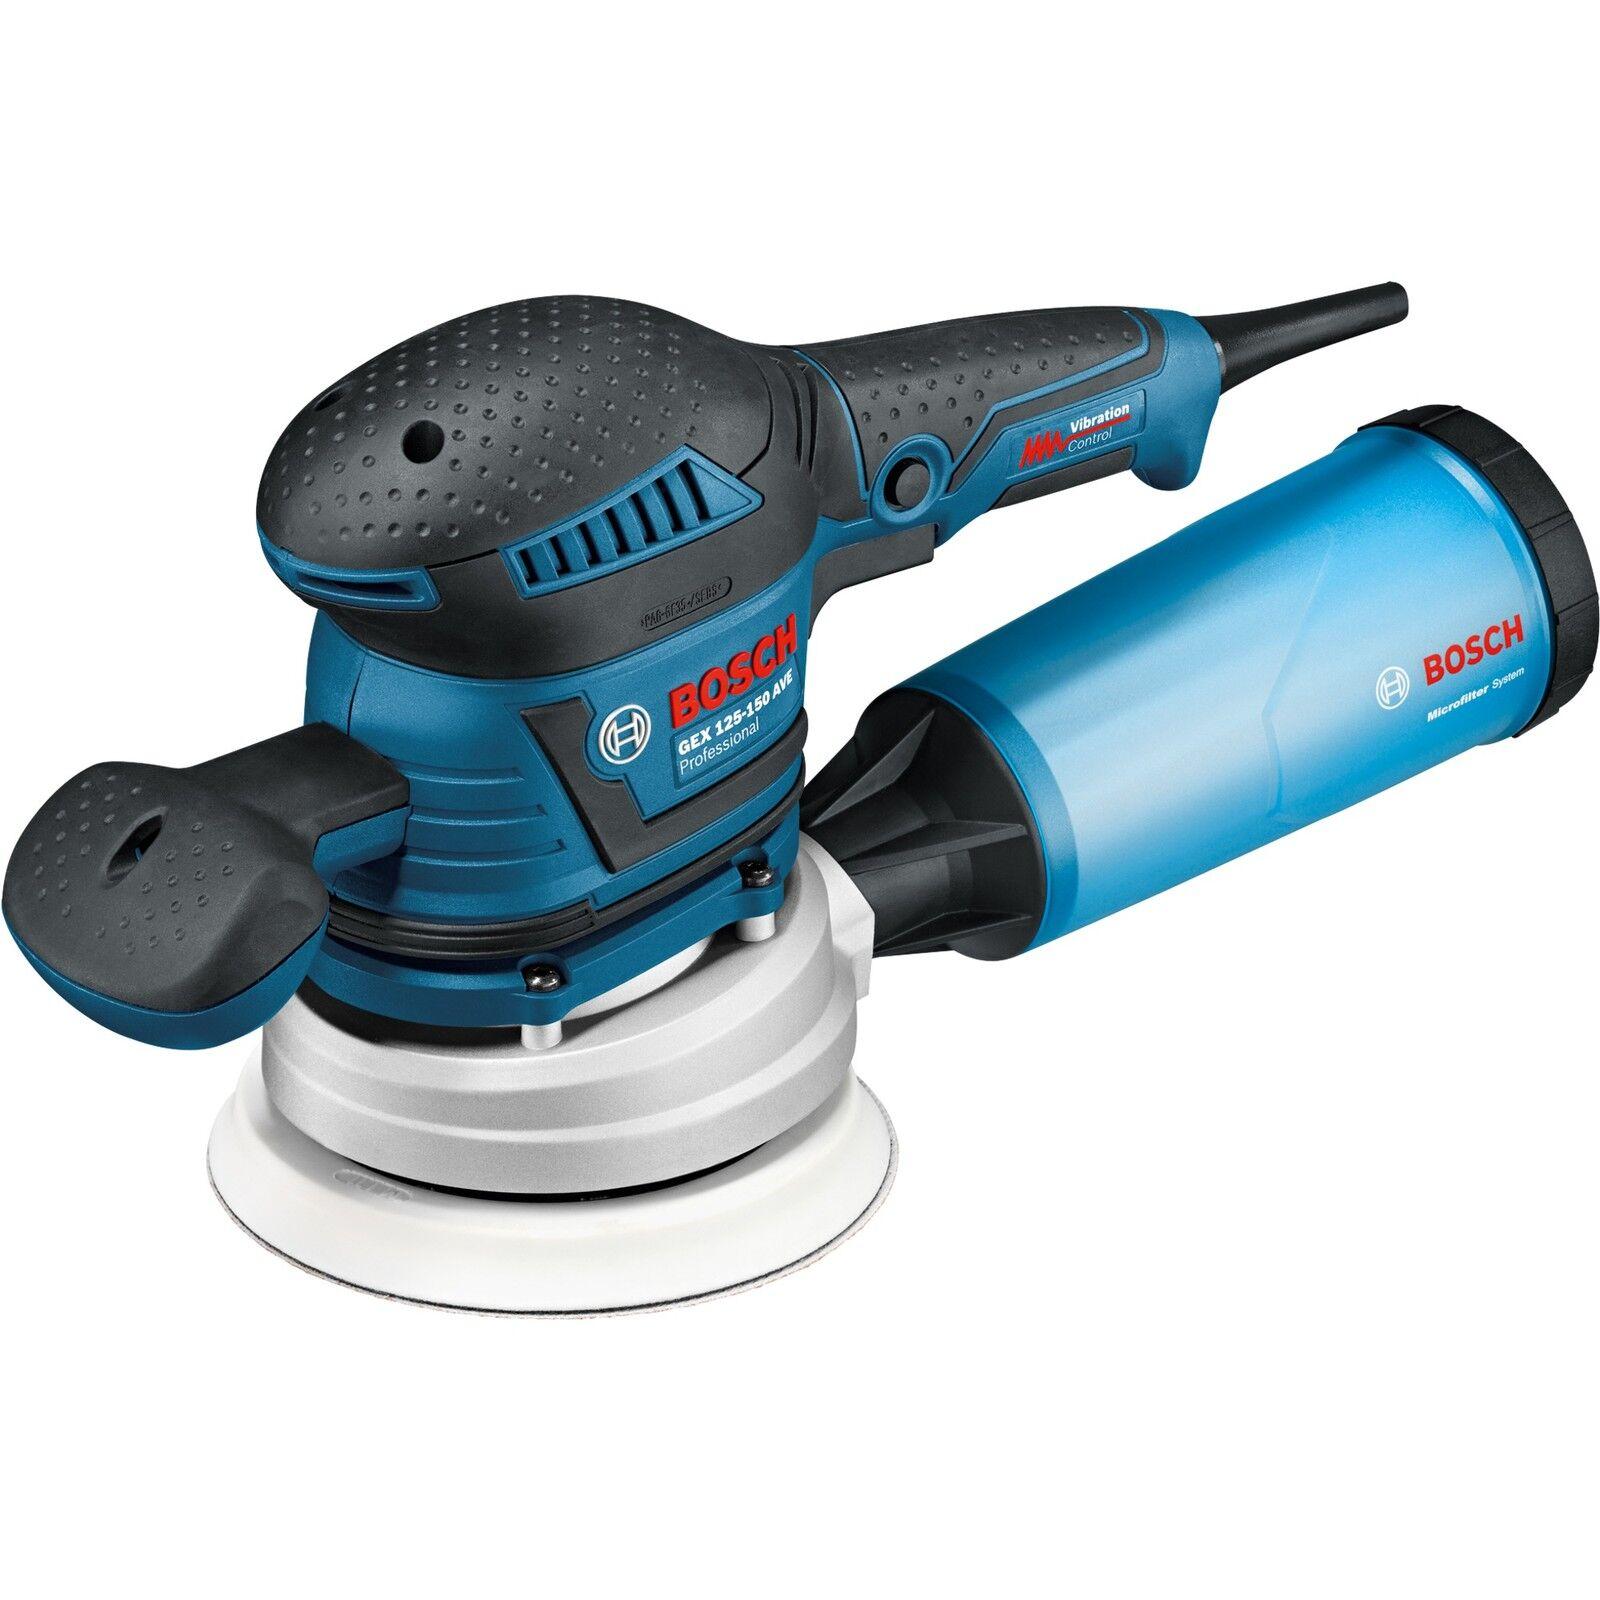 Bosch Professional Exzenterschleifer GEX 125-150 AVE Professional, blau